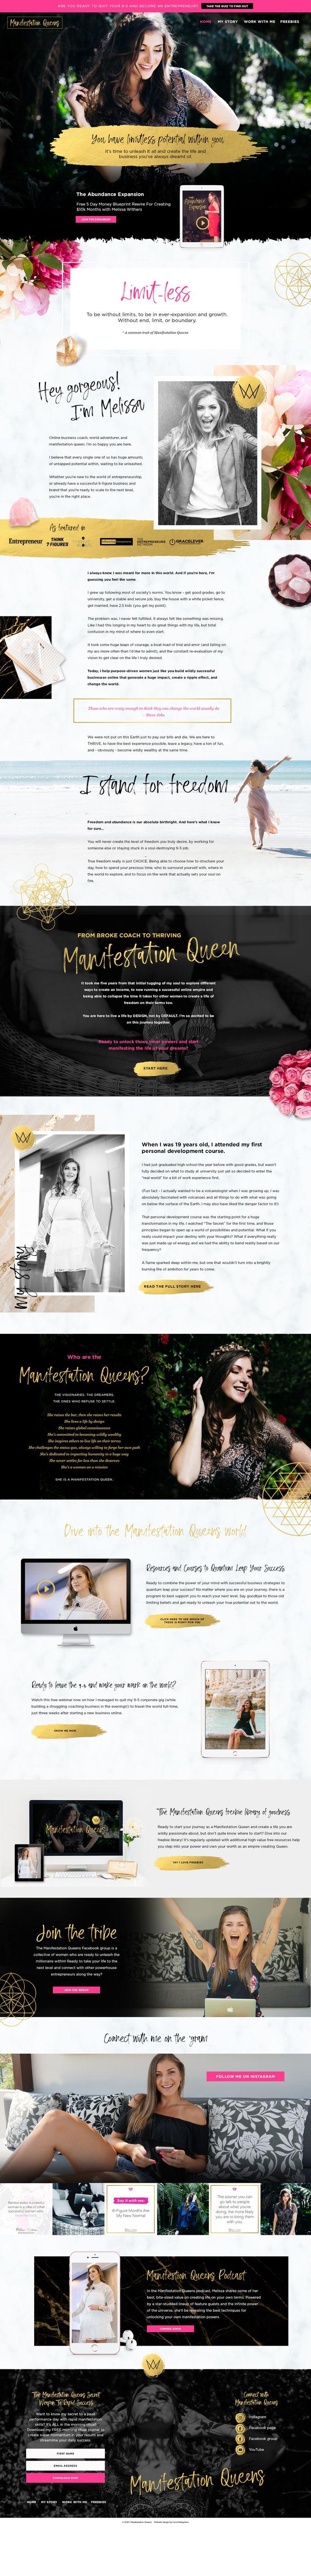 Manifestation Queens Website